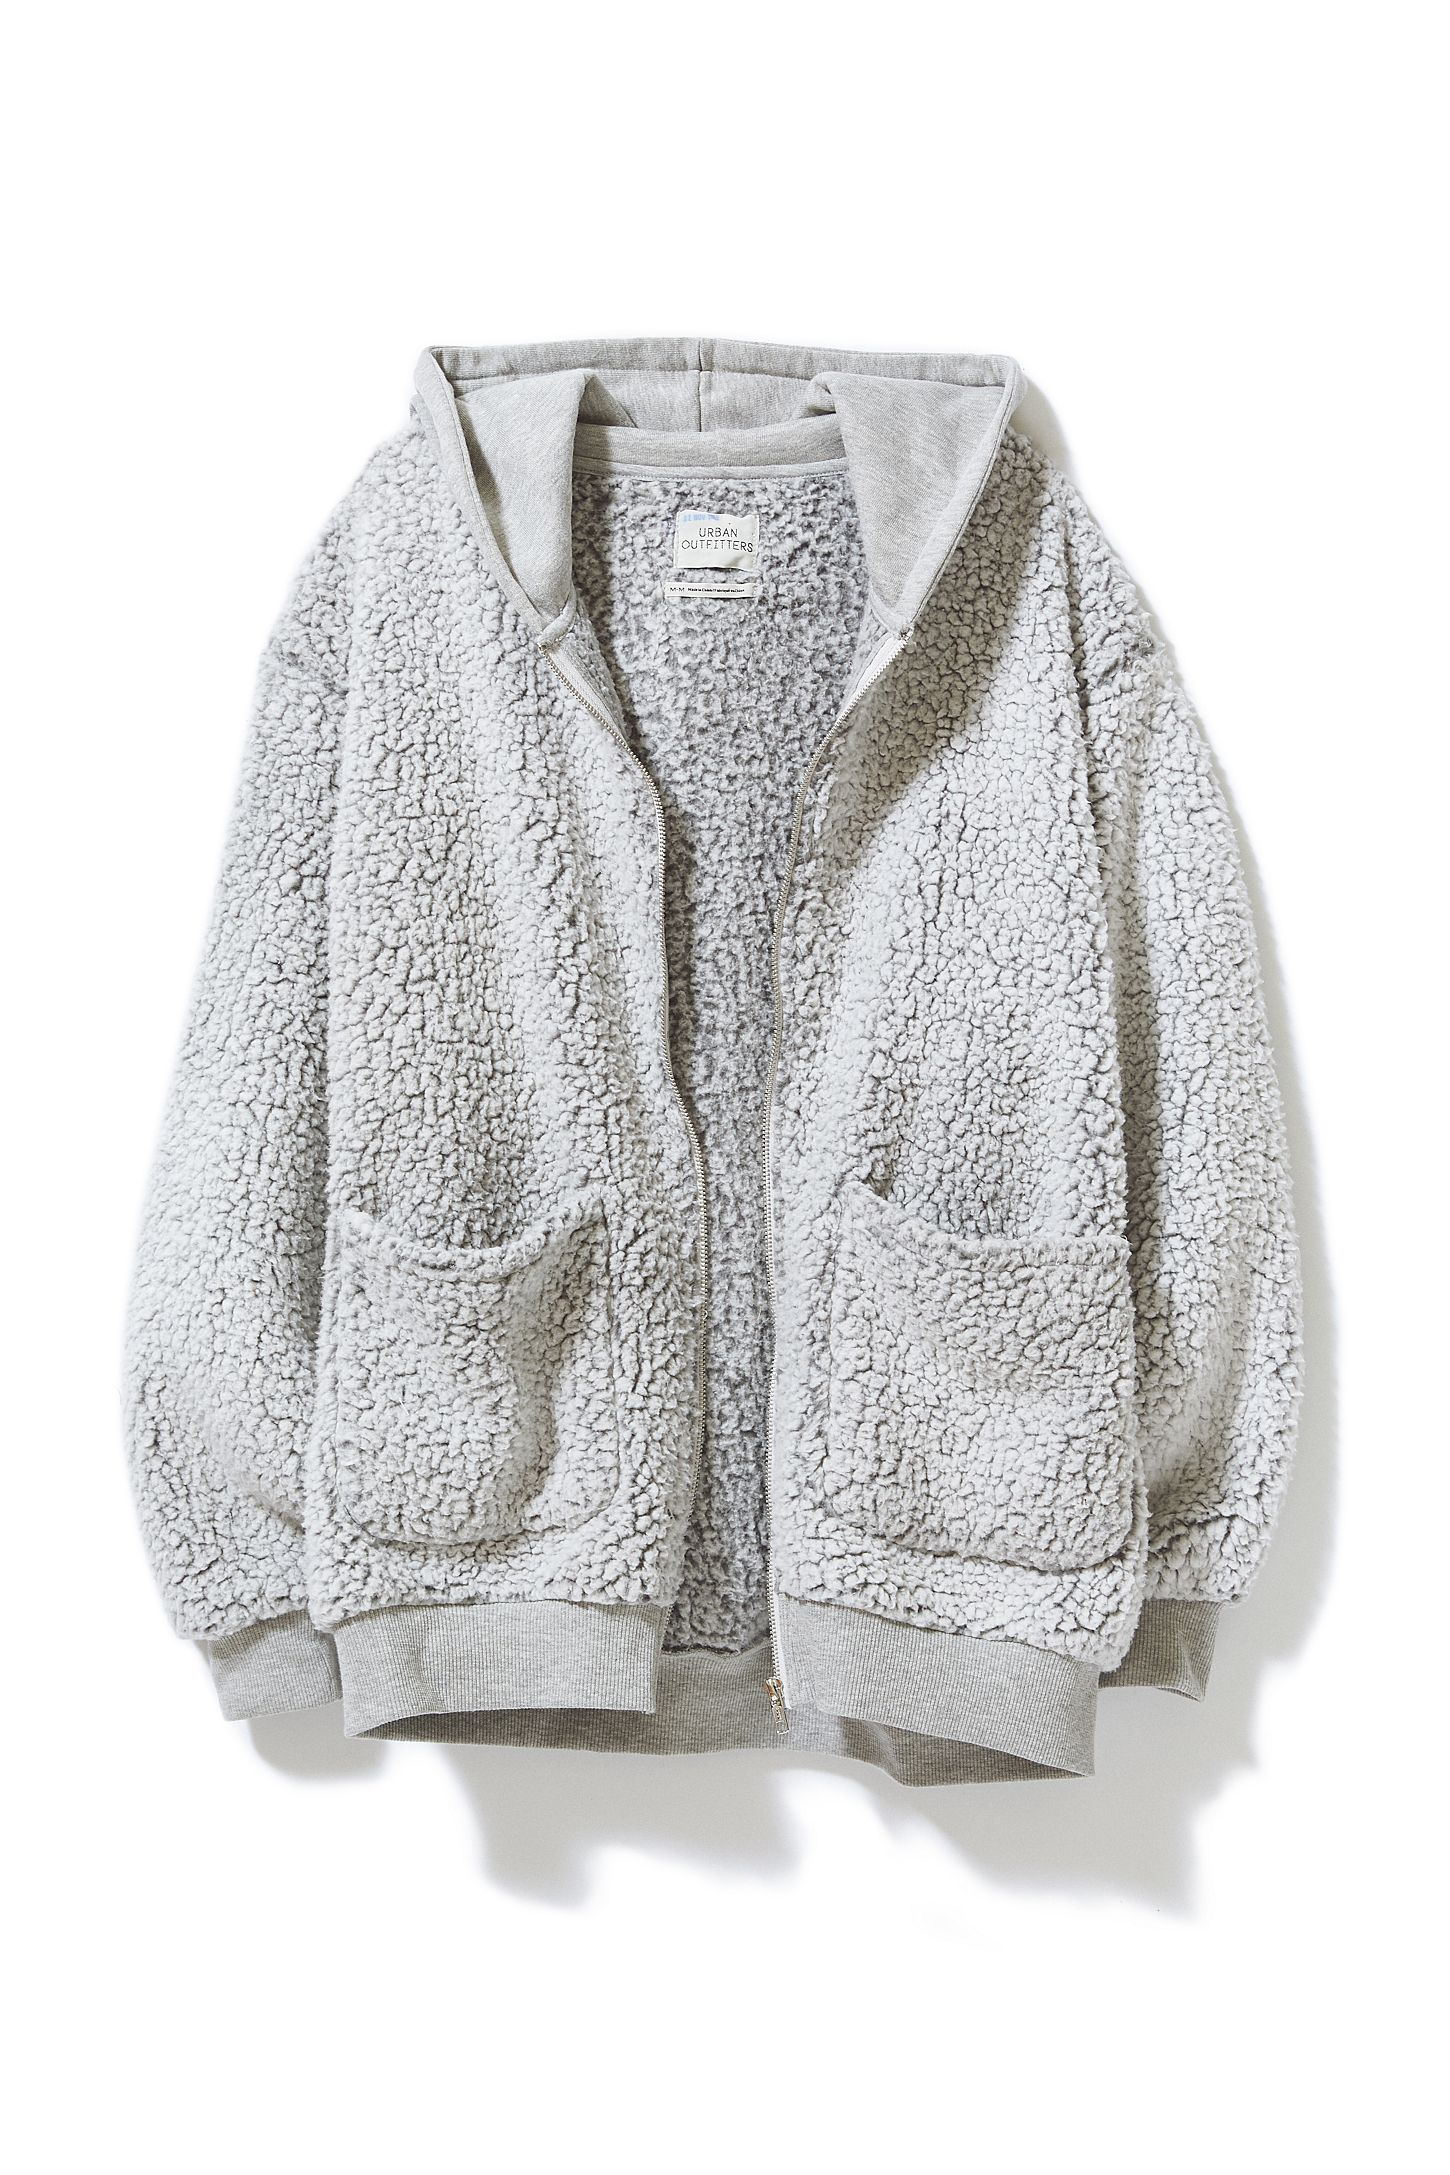 6e4c48e6c4a Slide View  5  UO Brea Fleece Hooded Zip-Up Jacket